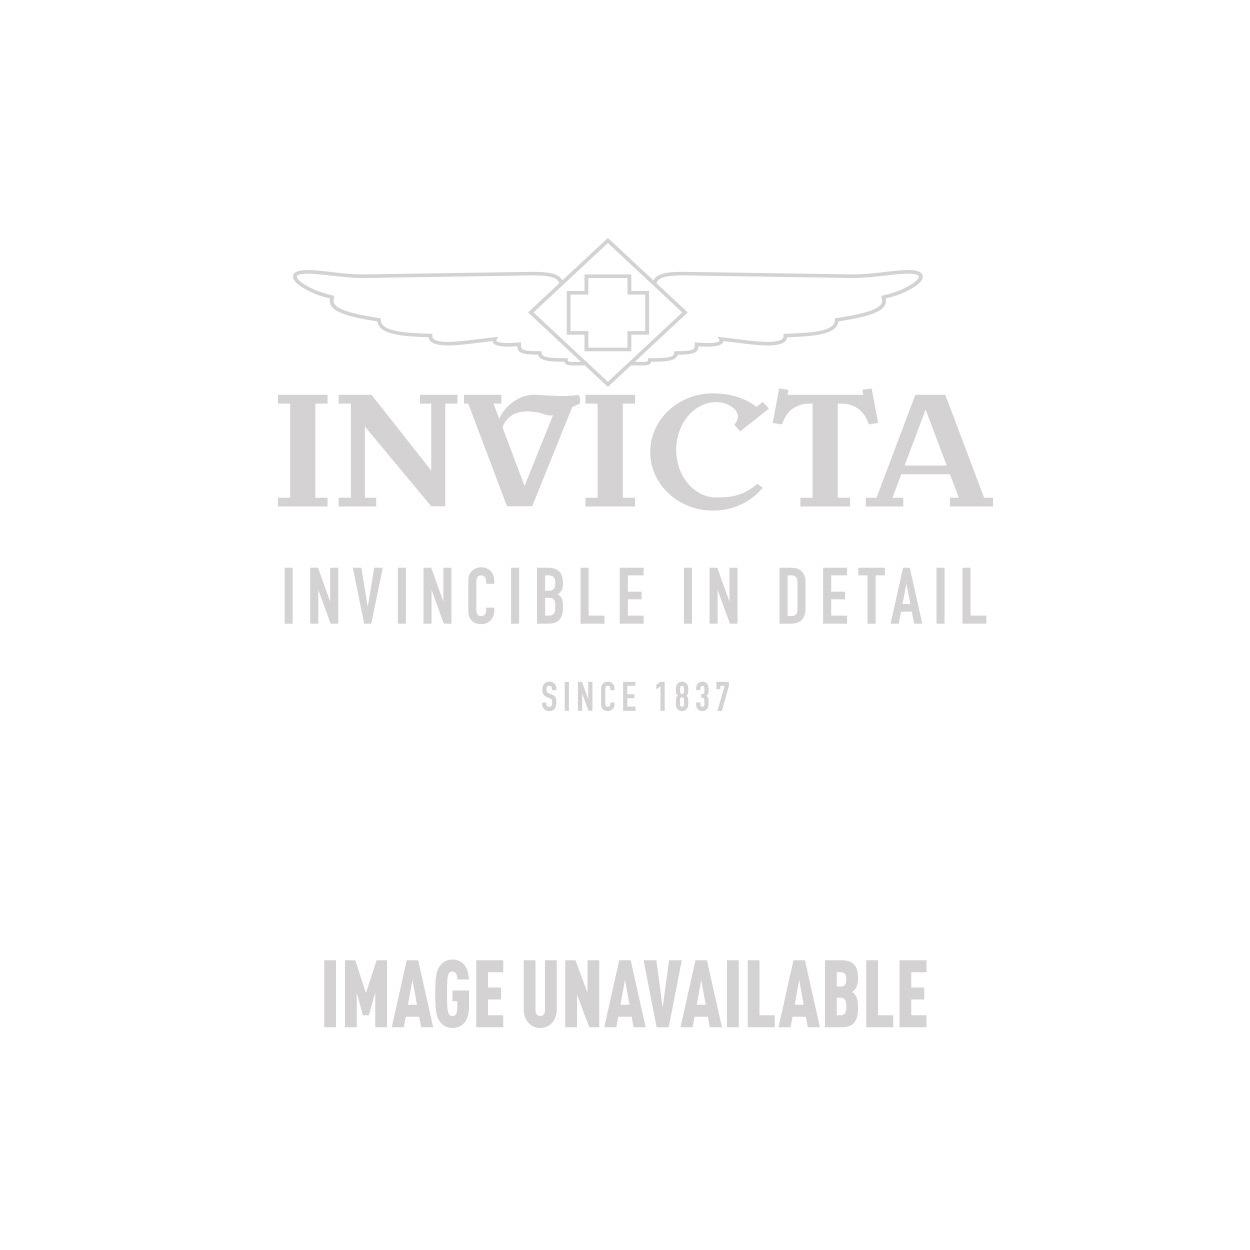 Invicta Model 23980